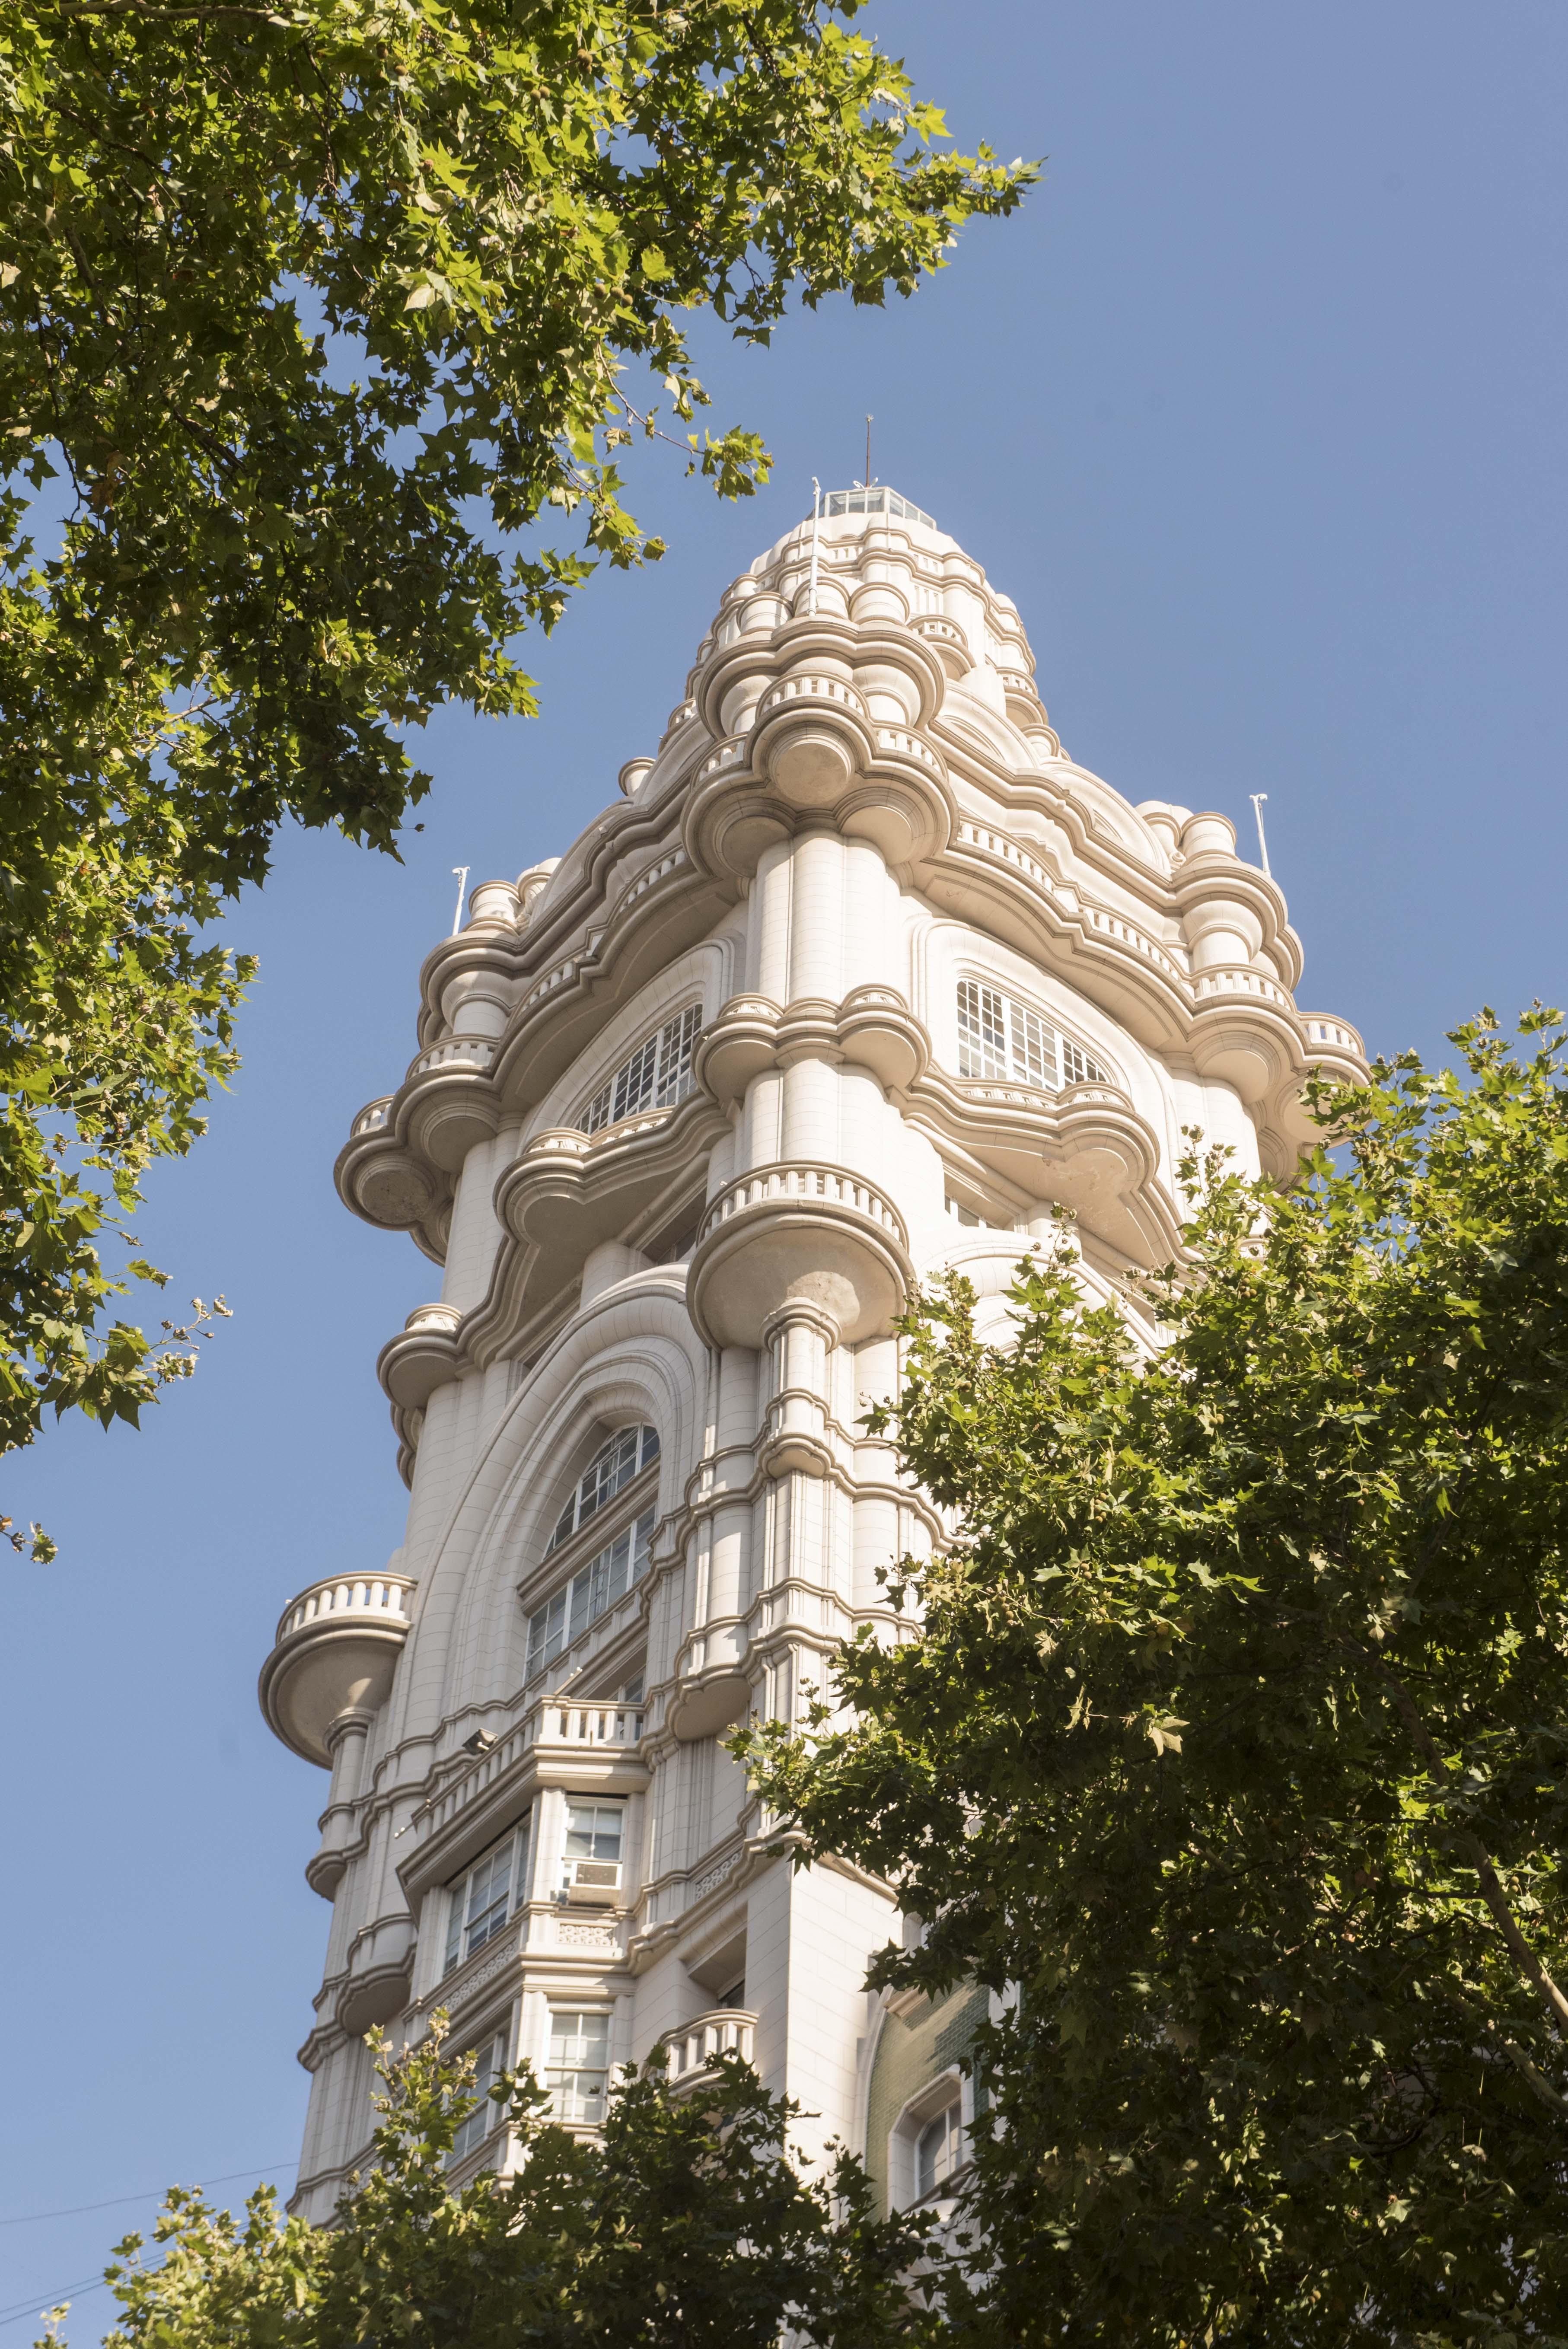 El Palacio Barolo cuenta con su edificio gemelo del otro lado del Río de la Plata. Se trata del Palacio Salvo, construido por el mismo arquitecto en Montevideo, Uruguay, e inaugurado en 1928